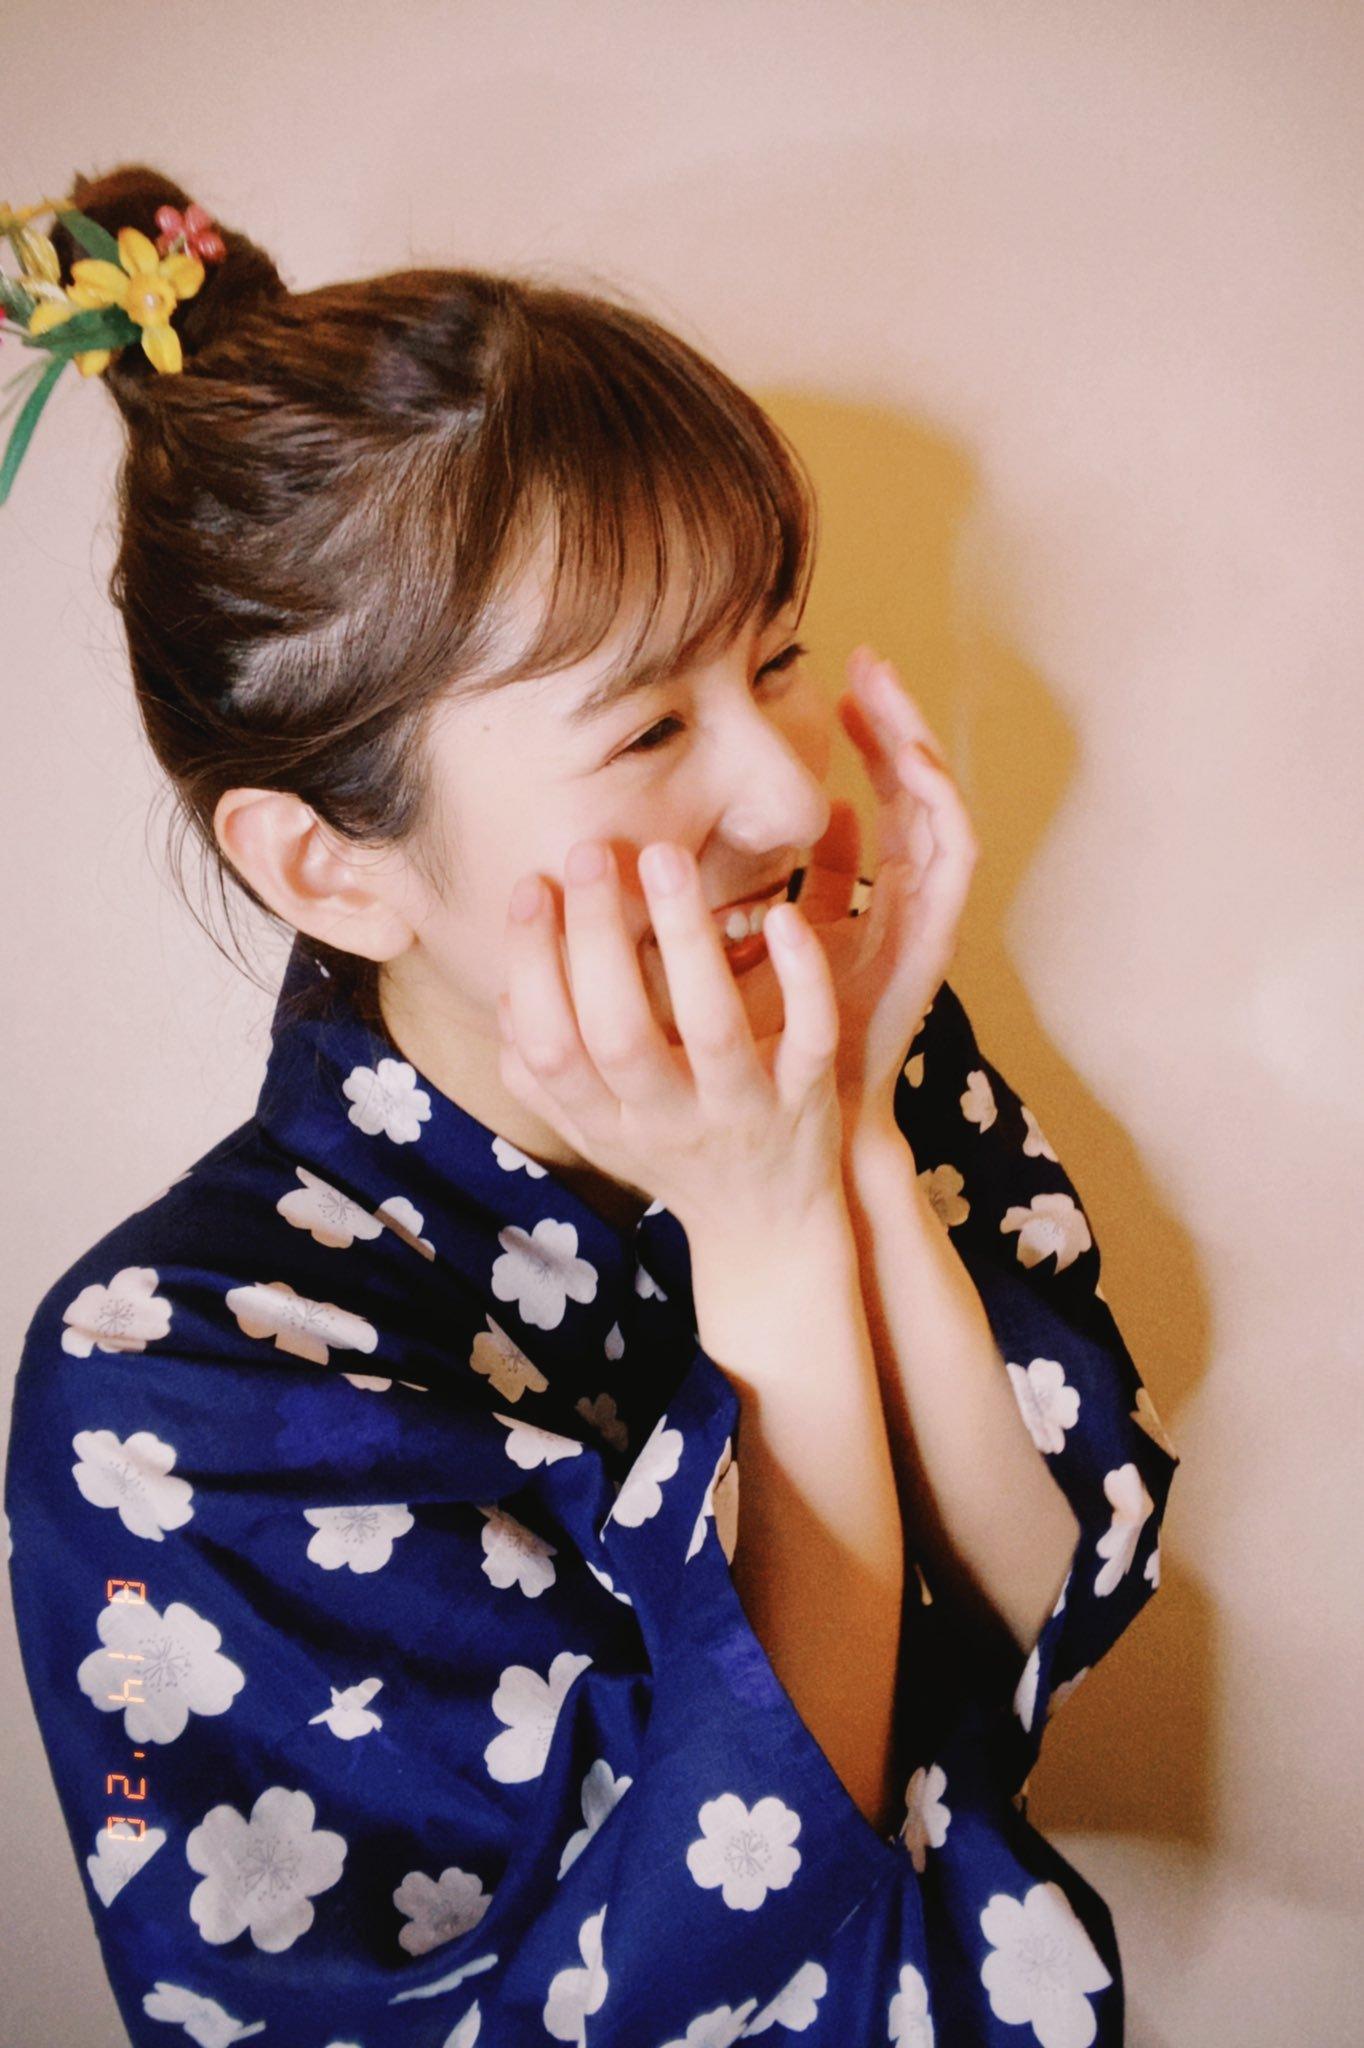 [日本]2020年杂志选美冠军新井遥超嫩脸蛋迷倒众人 养眼图片 第8张